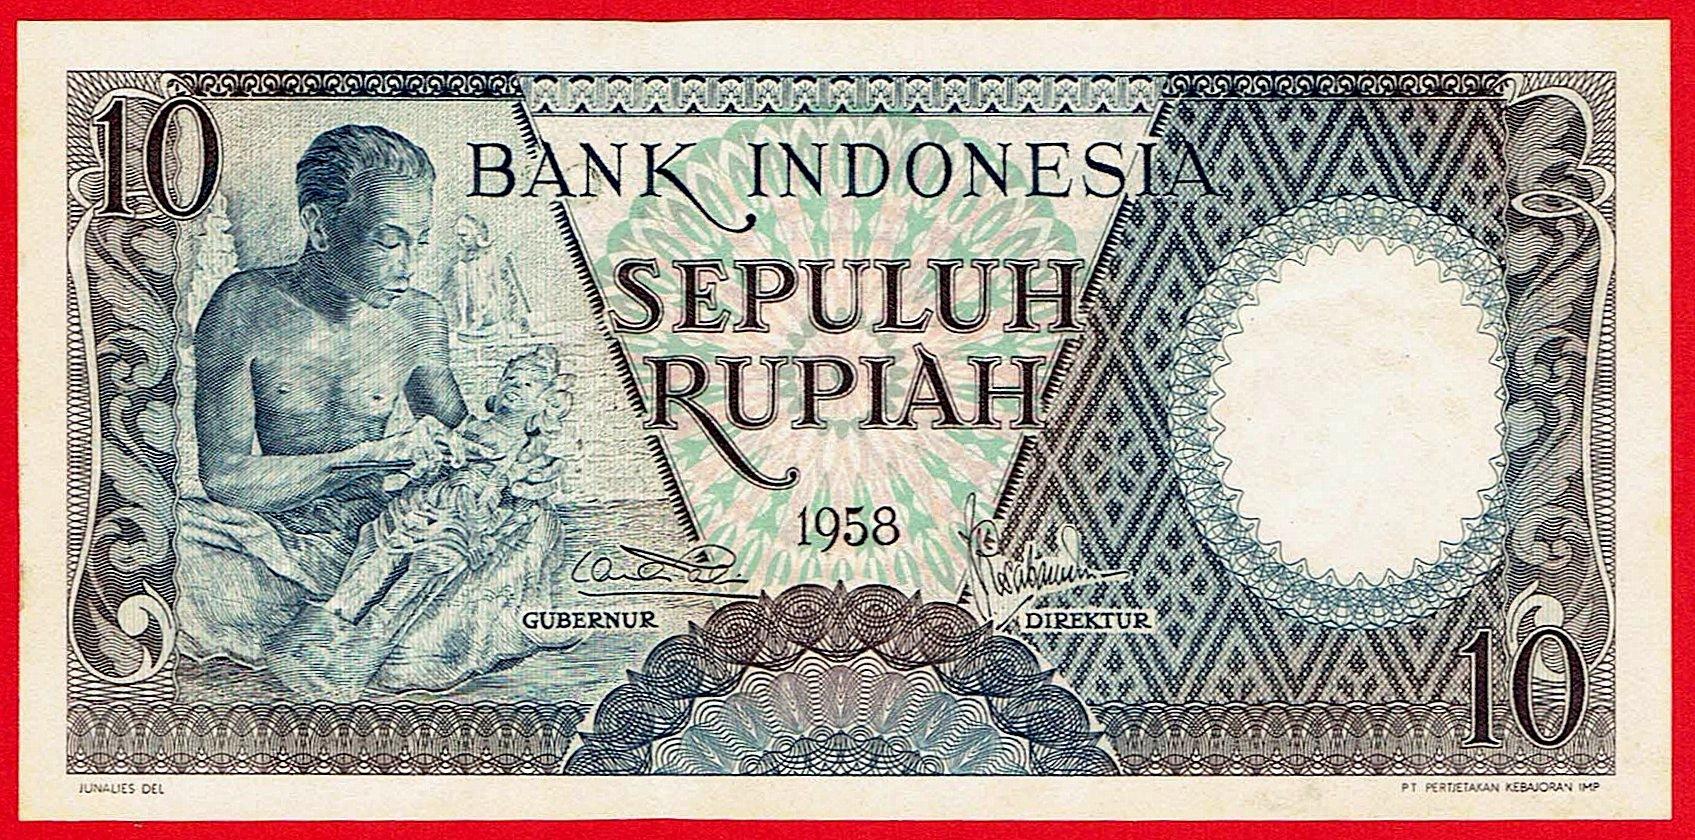 10 РУПИАХ - Индонезия - 1958 - штат UNC